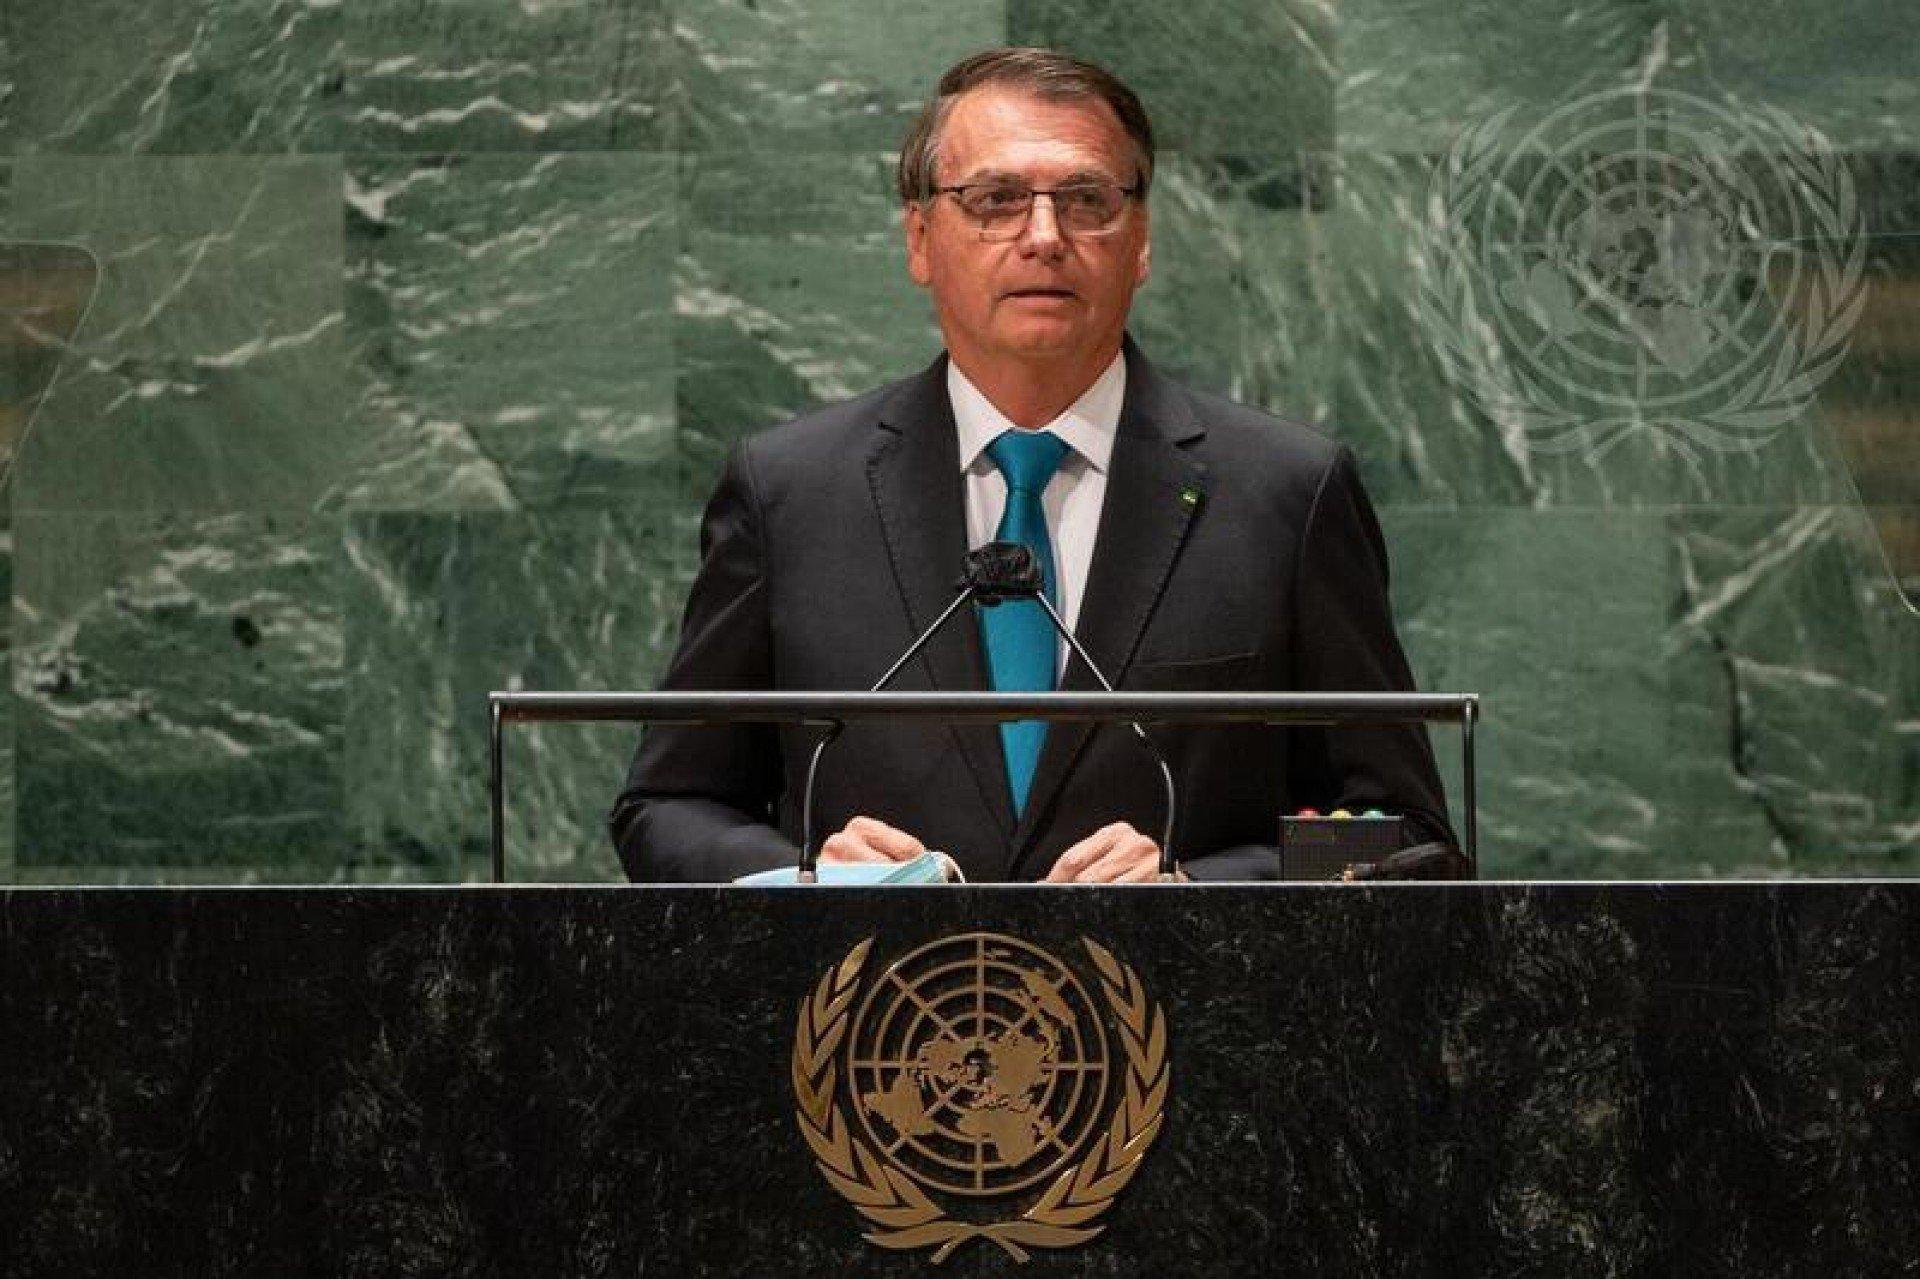 O presidente Jair Bolsonaro em um discurso na abertura da Assembleia Geral da ONU (Foto: Reprodução/Twitter)